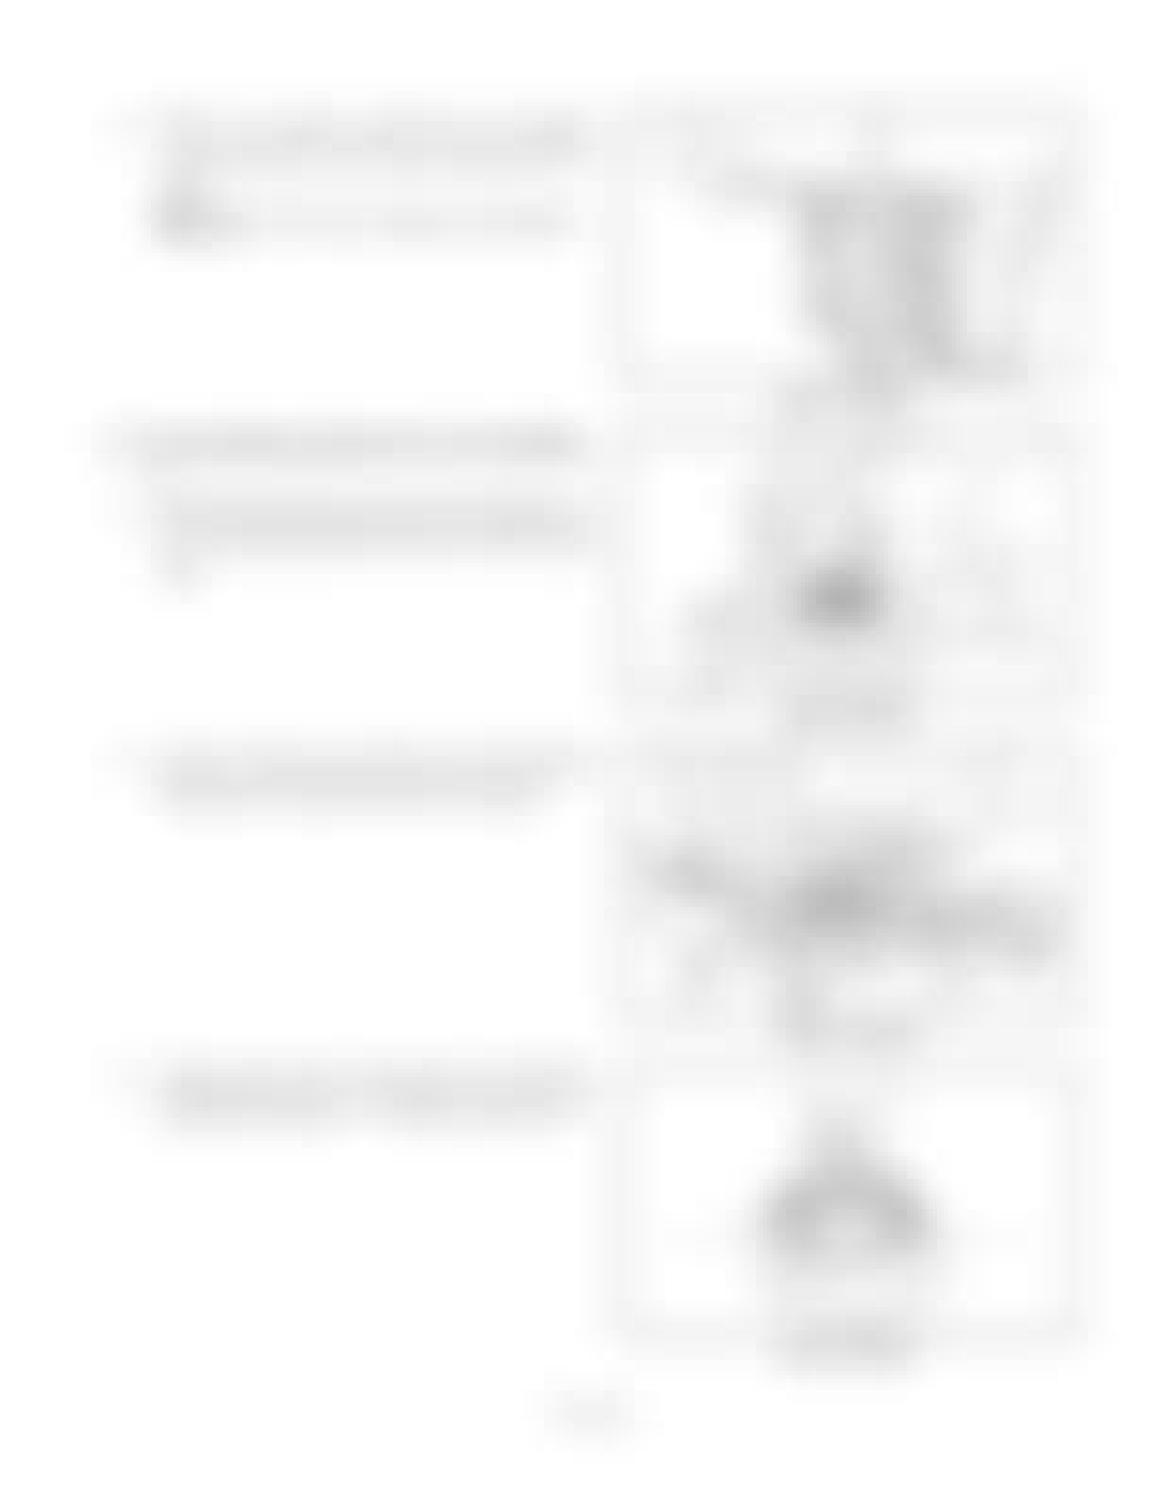 Hitachi LX110-7 LX130-7 LX160-7 LX190-7 LX230-7 Wheel Loader Workshop Manual - PDF DOWNLOAD page 81